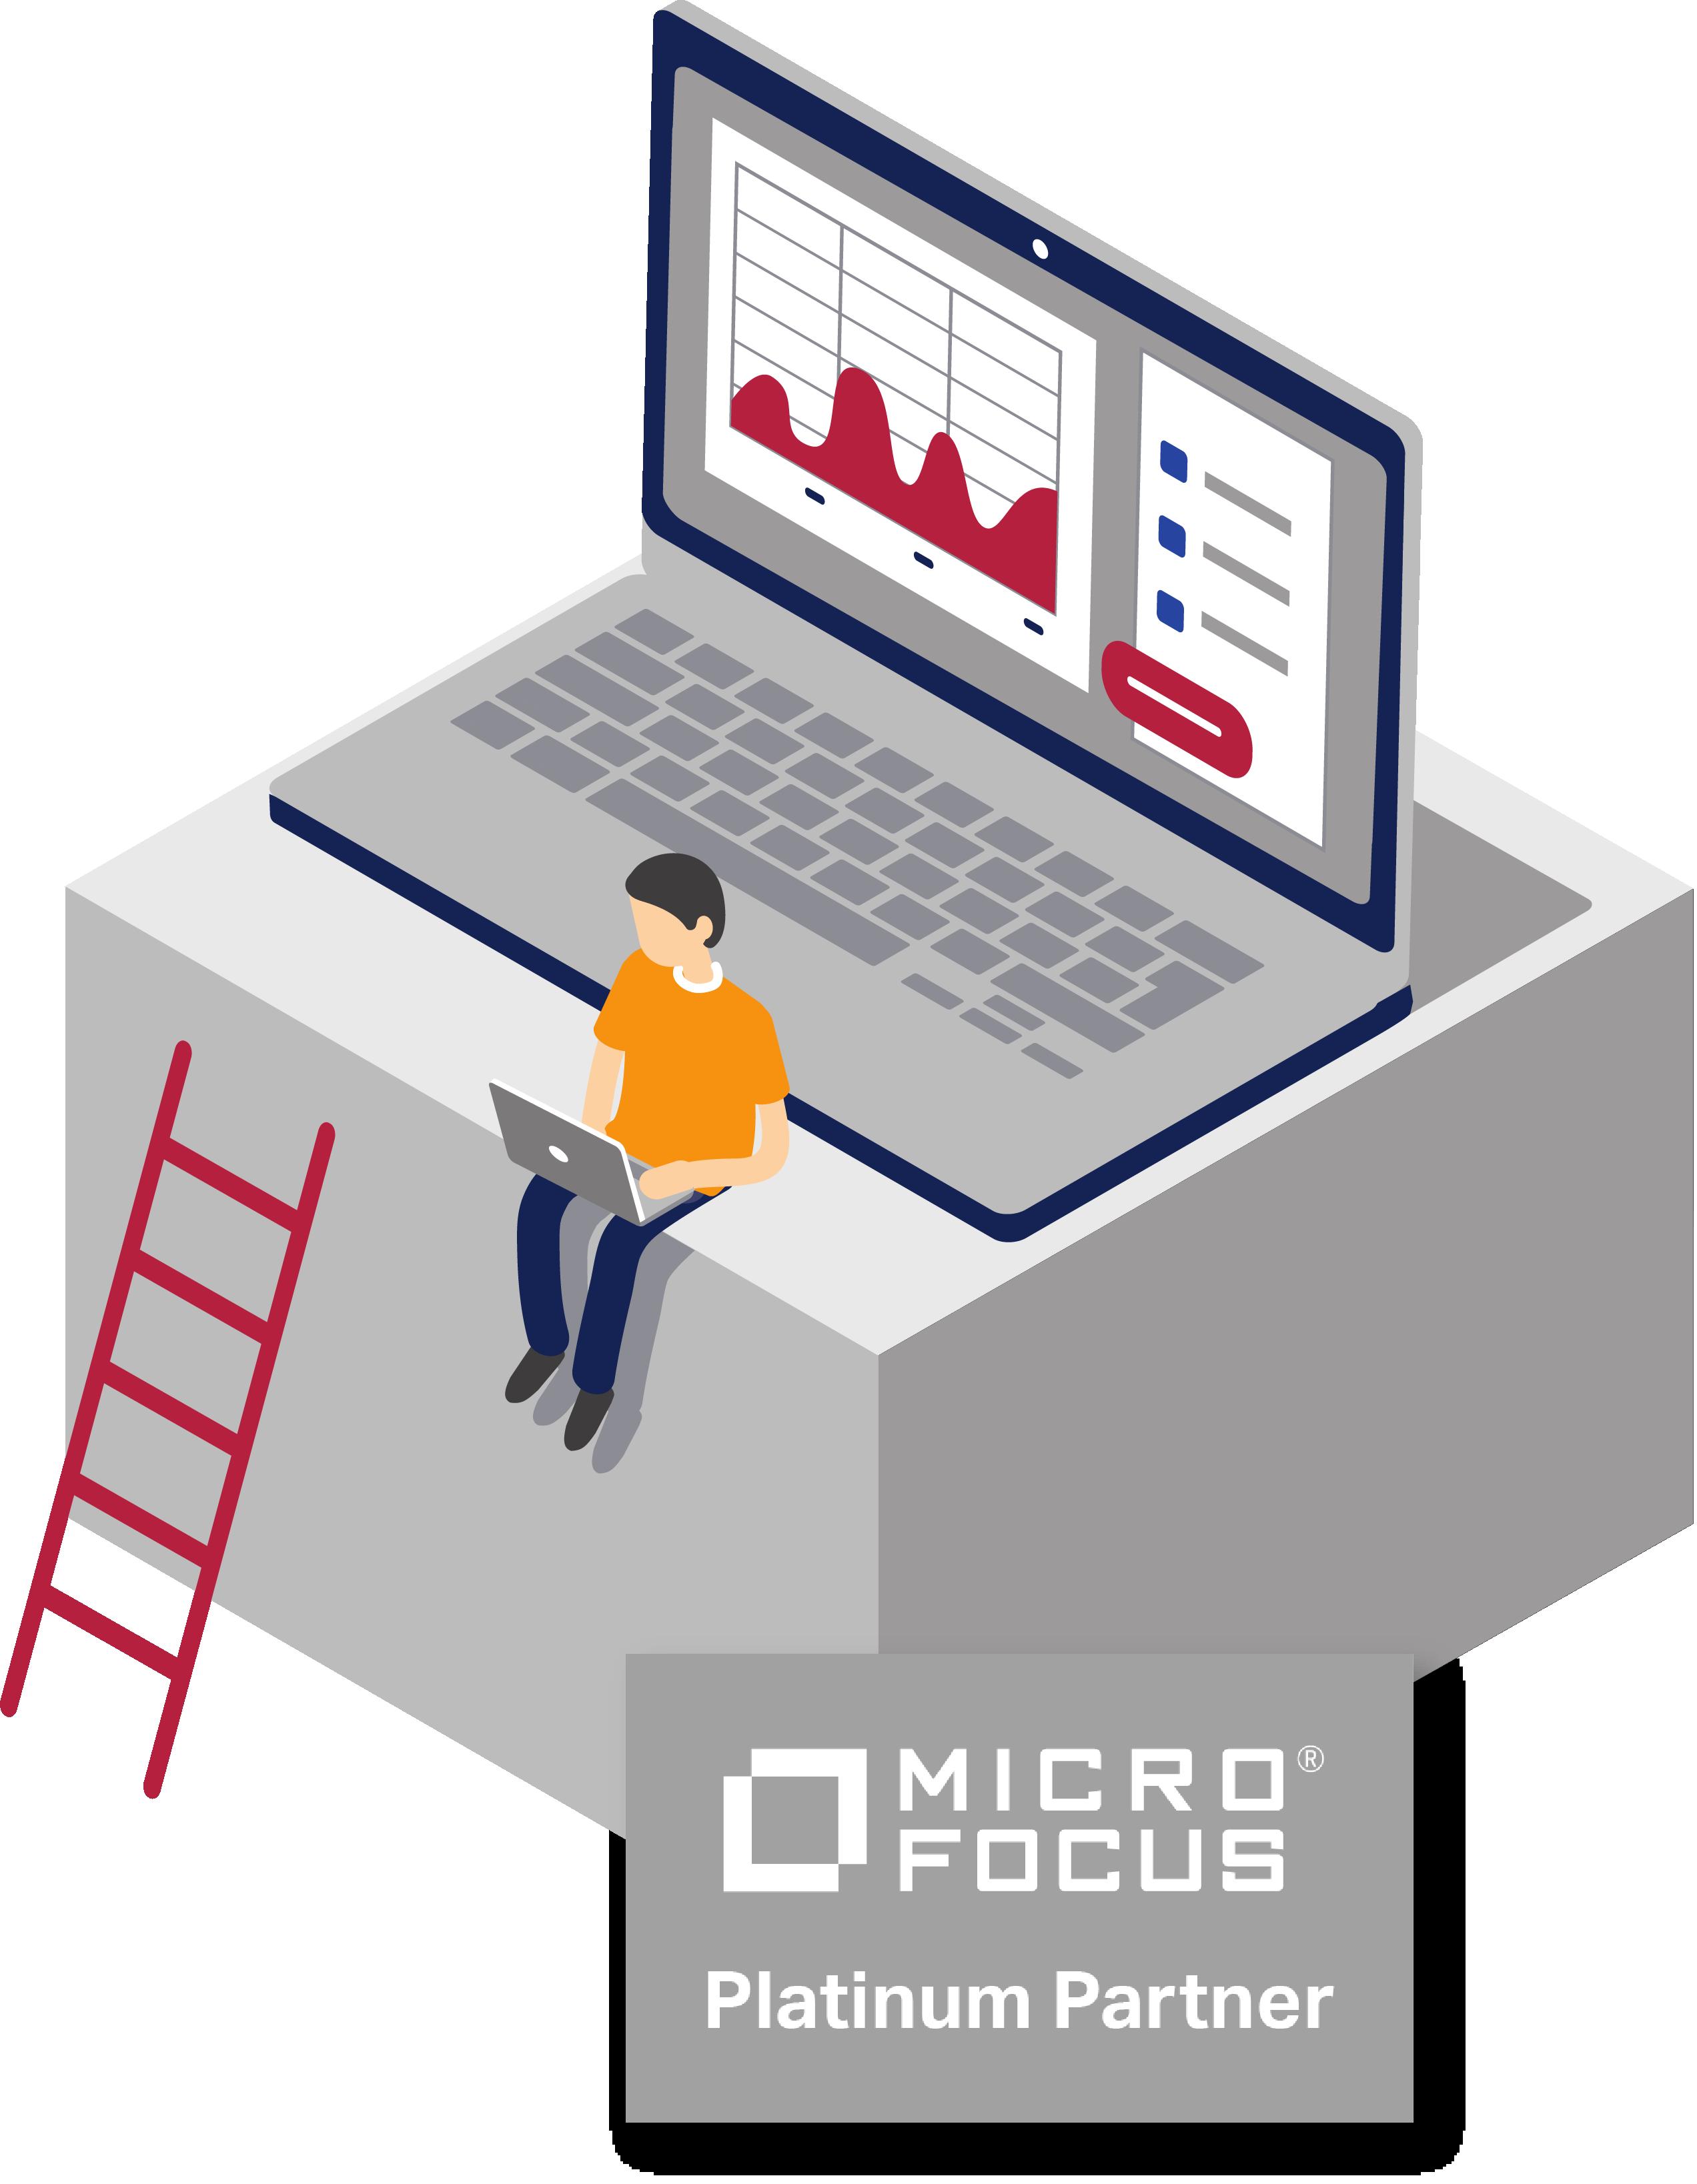 Micro Focus Gold Partner